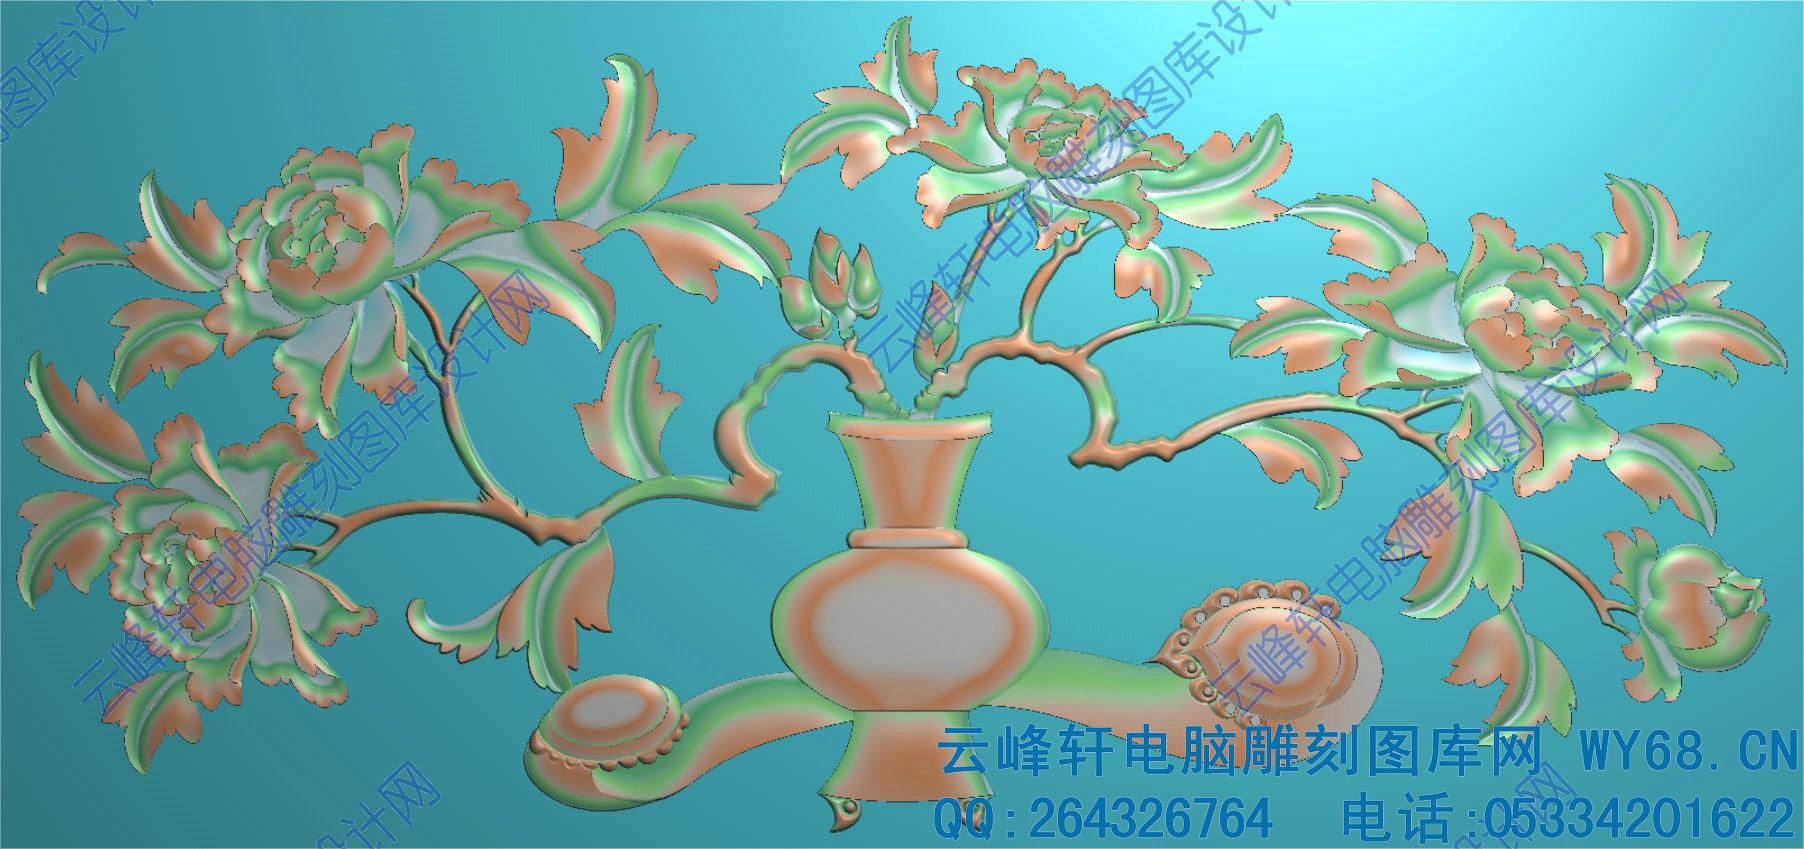 牡丹花瓶大床 - 云峰轩雕刻图库网